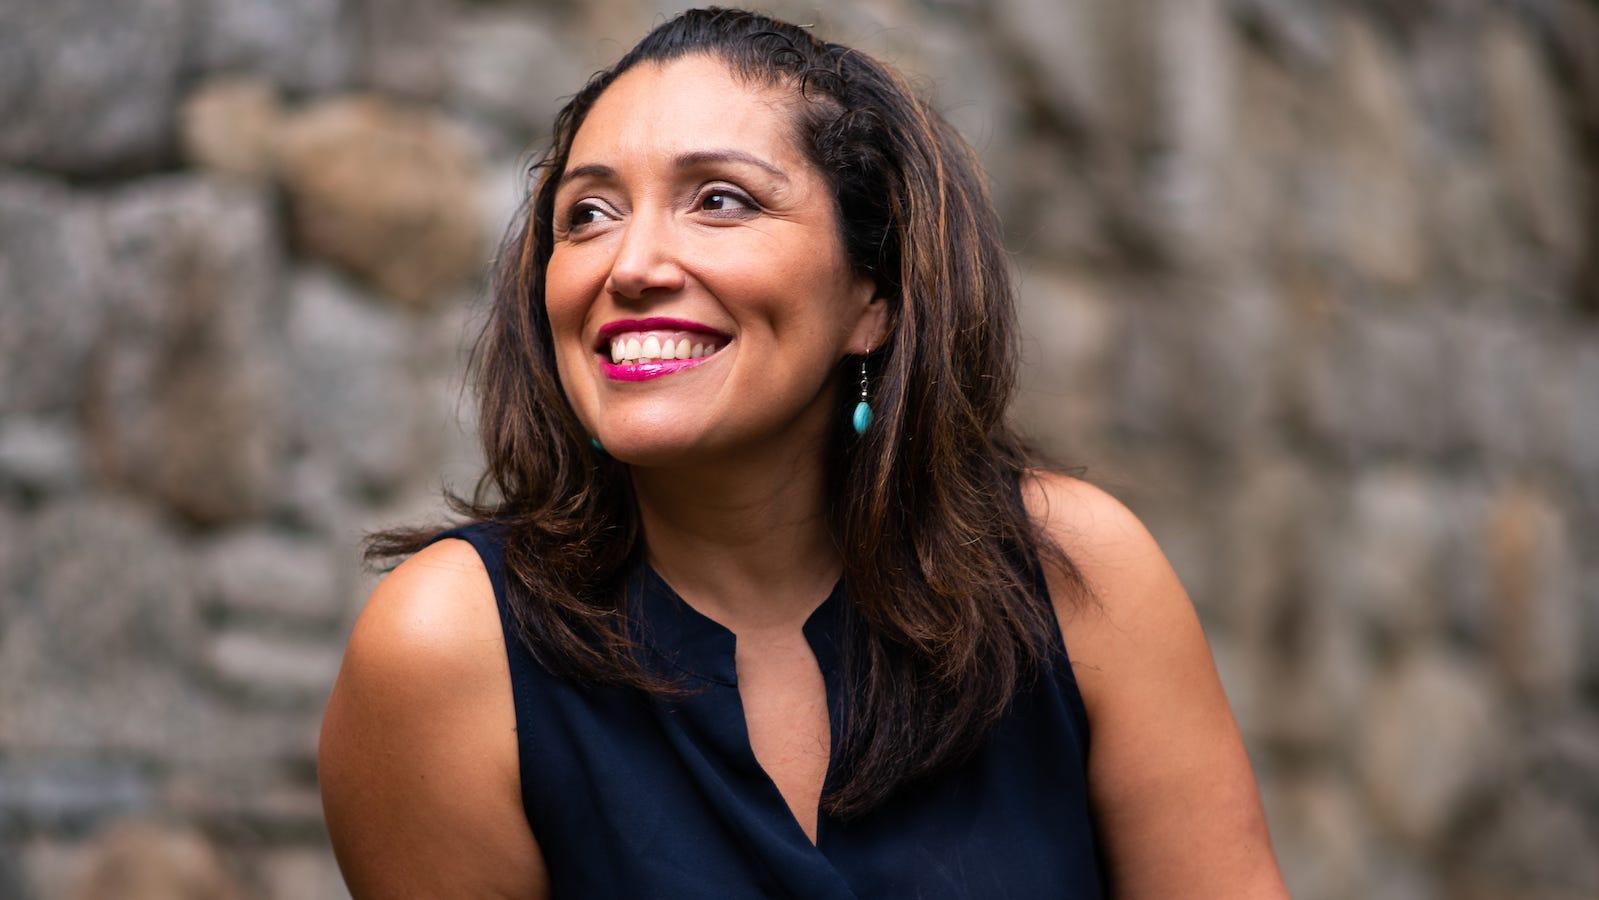 MetroWest Readers Fest to spotlight books by Framingham State University professor Jennifer De Leon